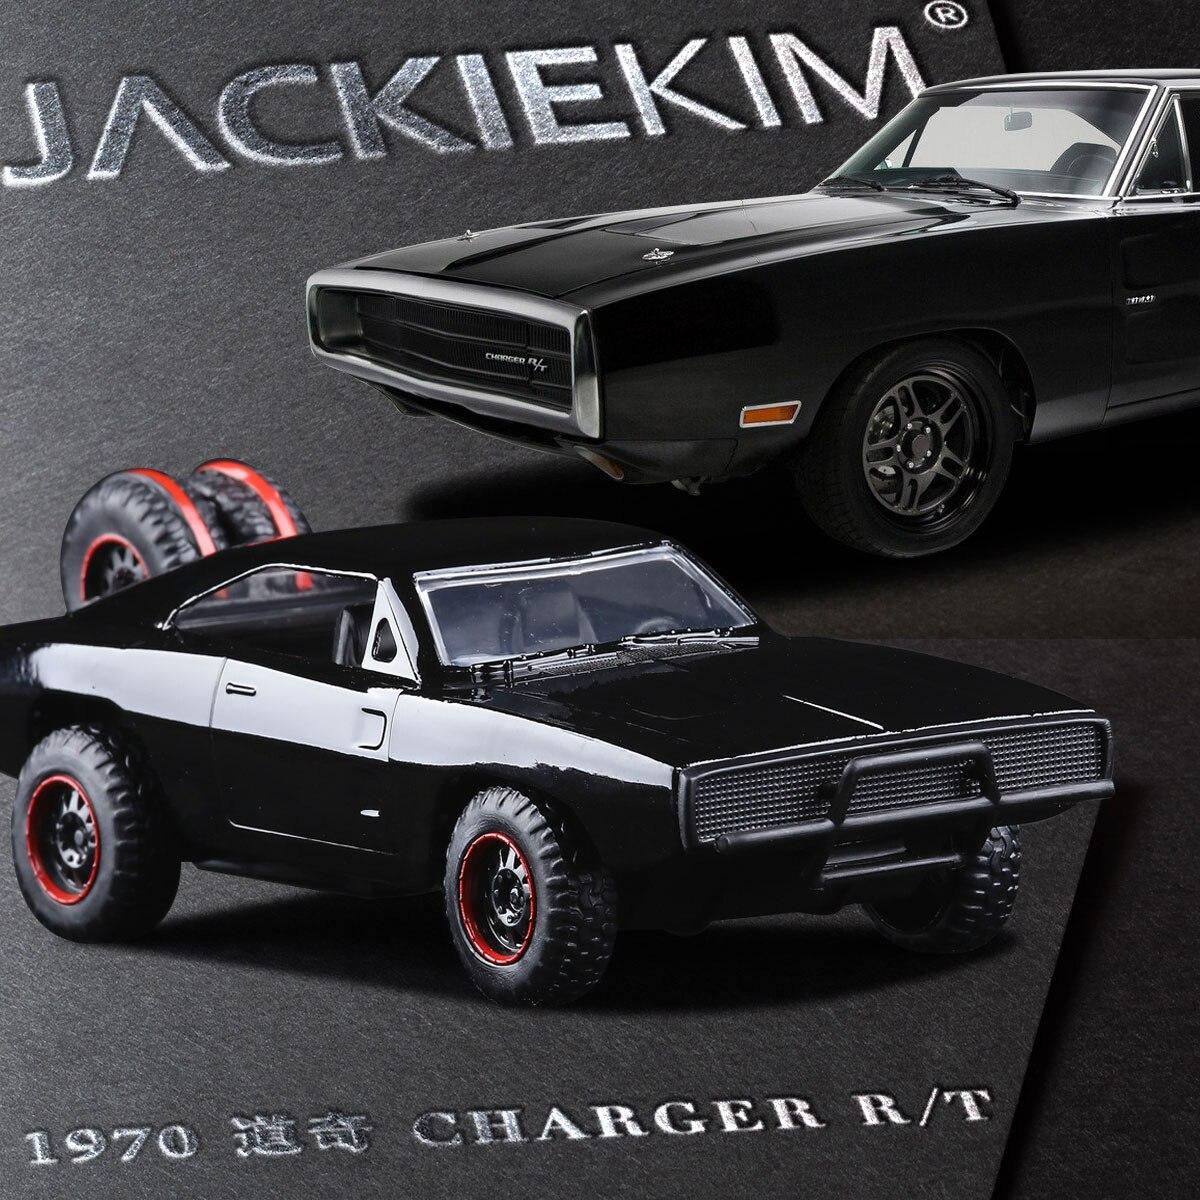 Jada 1 32 scale high simulation alloy model car black dodge challenger warrior